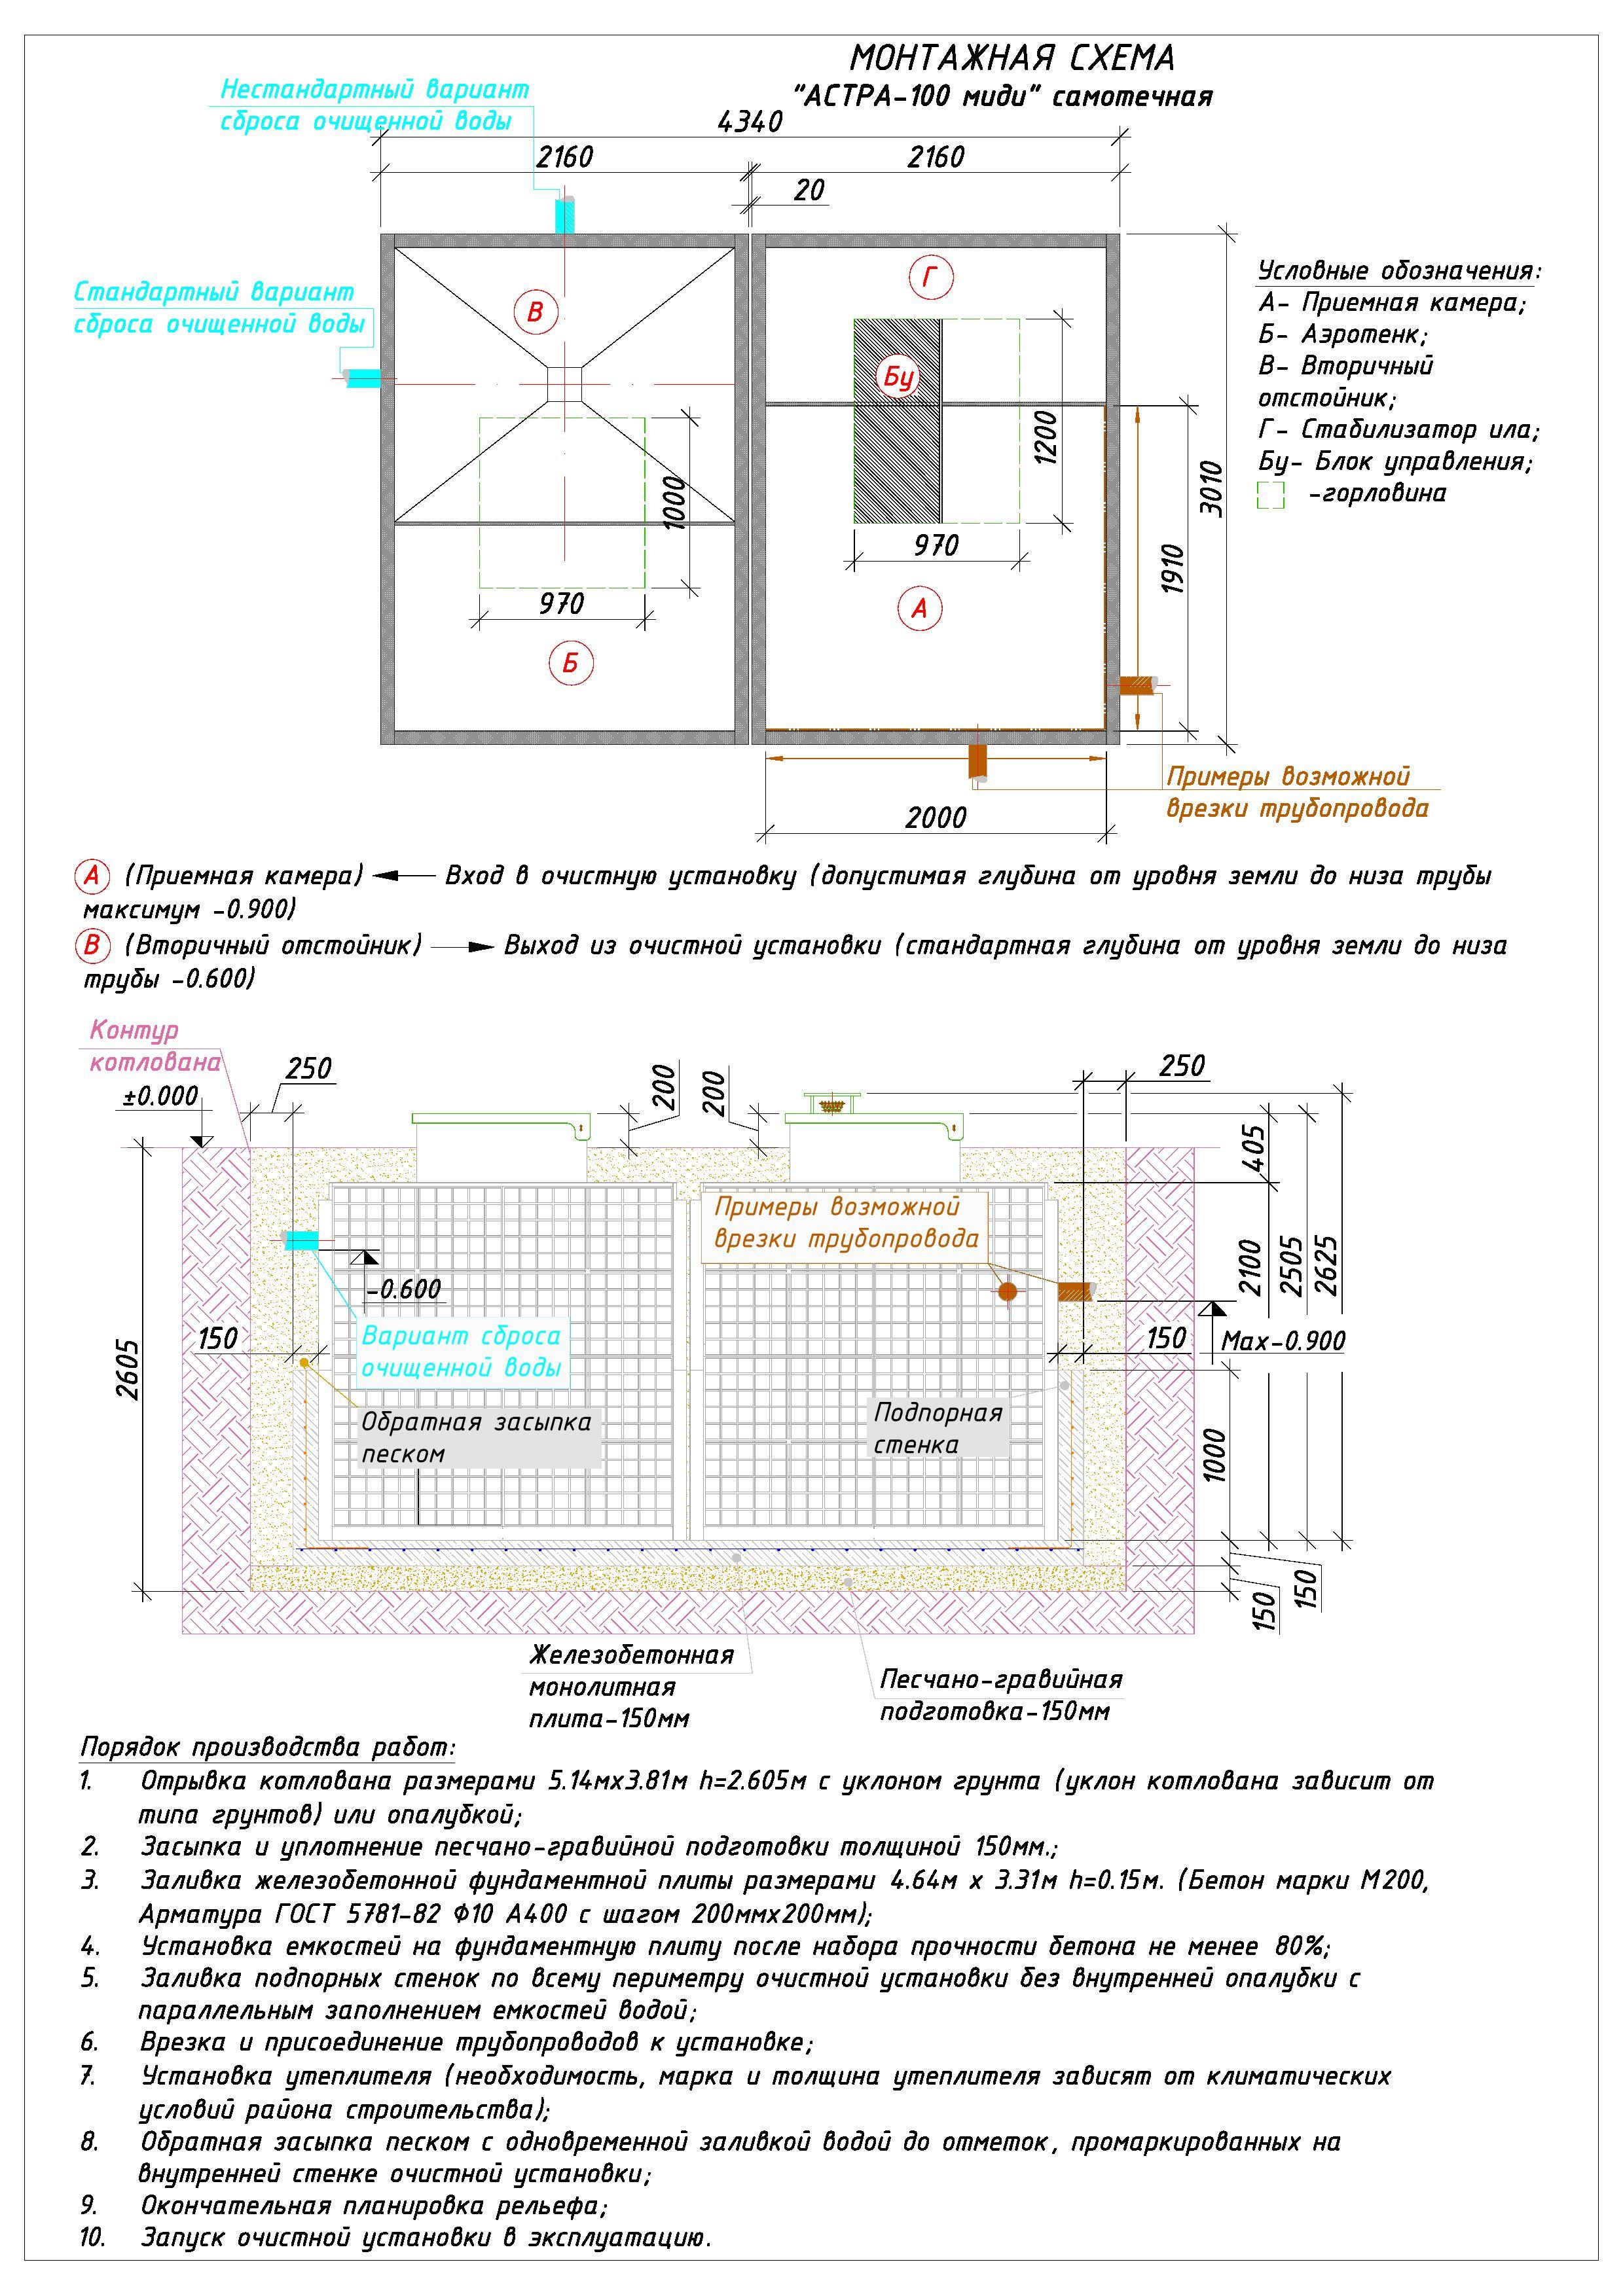 схема установки септика астра